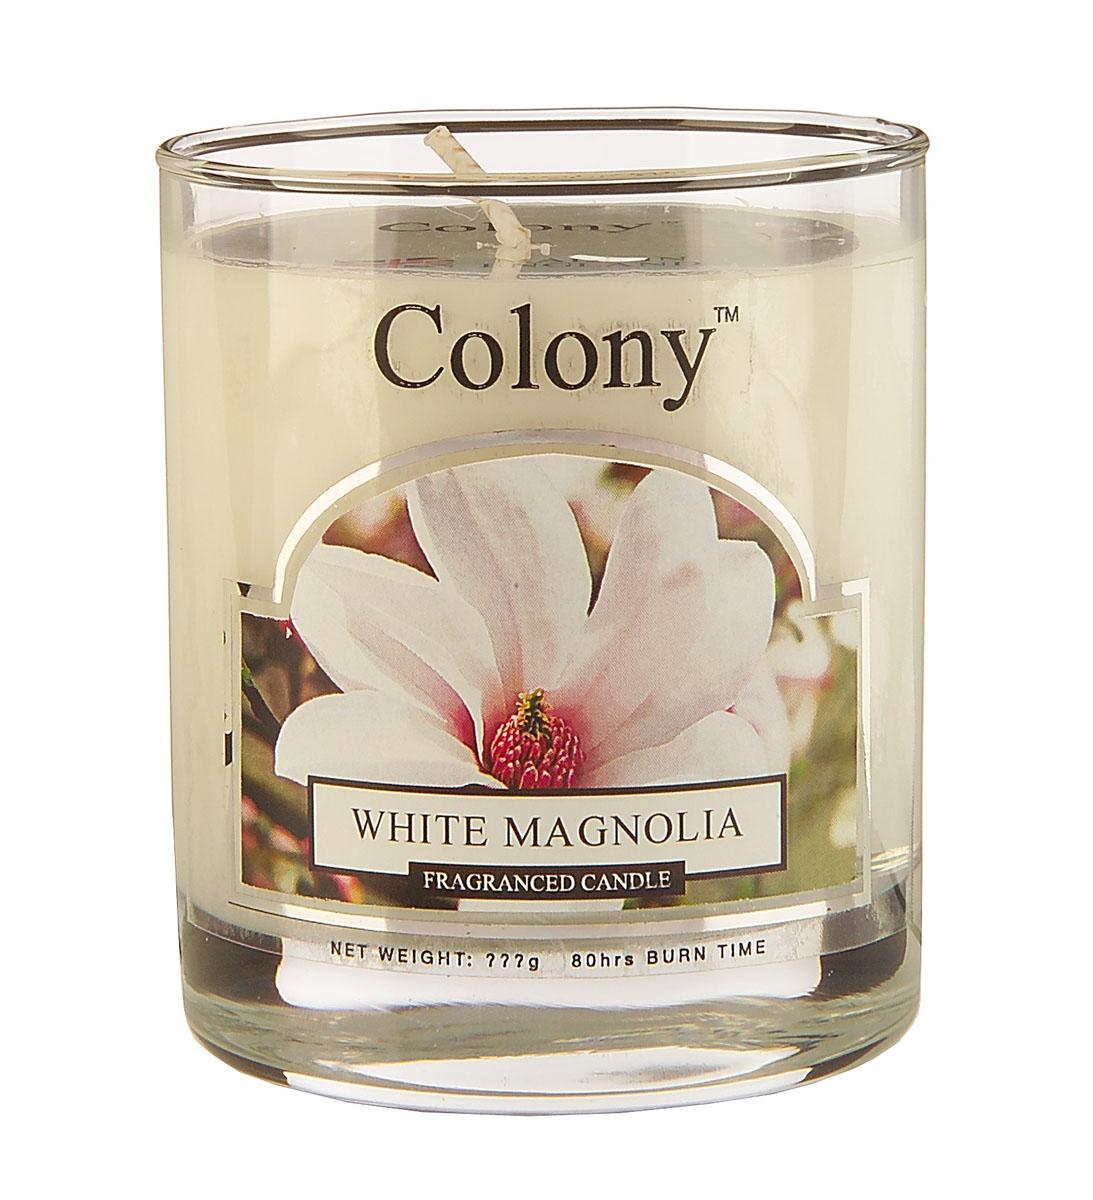 Wax Lyrical Белая магнолия ароматизированная свеча в стекле малая, 35 часовCH0604Аромат весенне-летнего букета из белых магнолий, роз, гардений, фрезий и сирени в сочетании с нотками спелых персиков, на основе сандала и мускуса